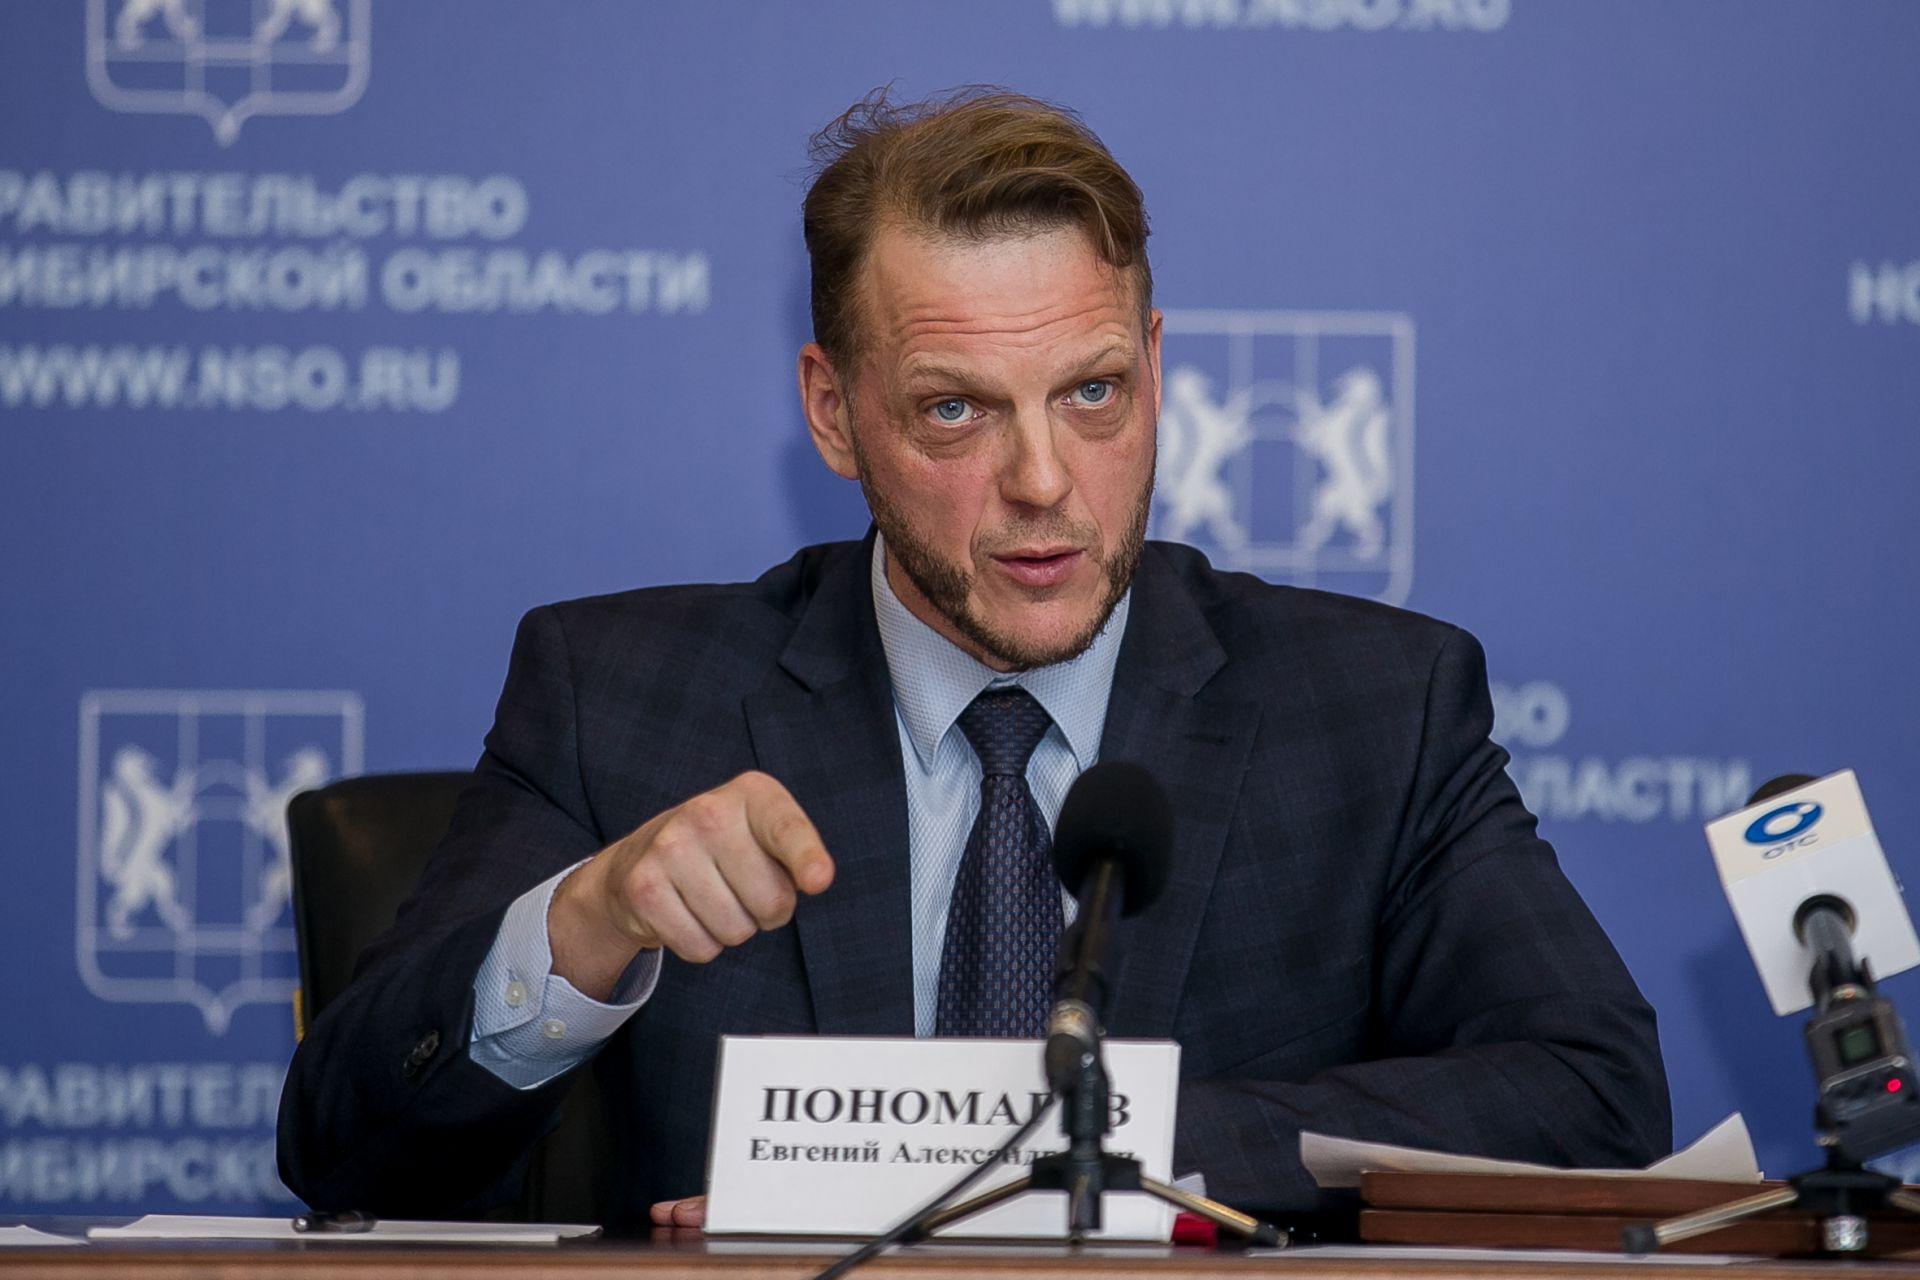 Фото: vedom.suborov.ru